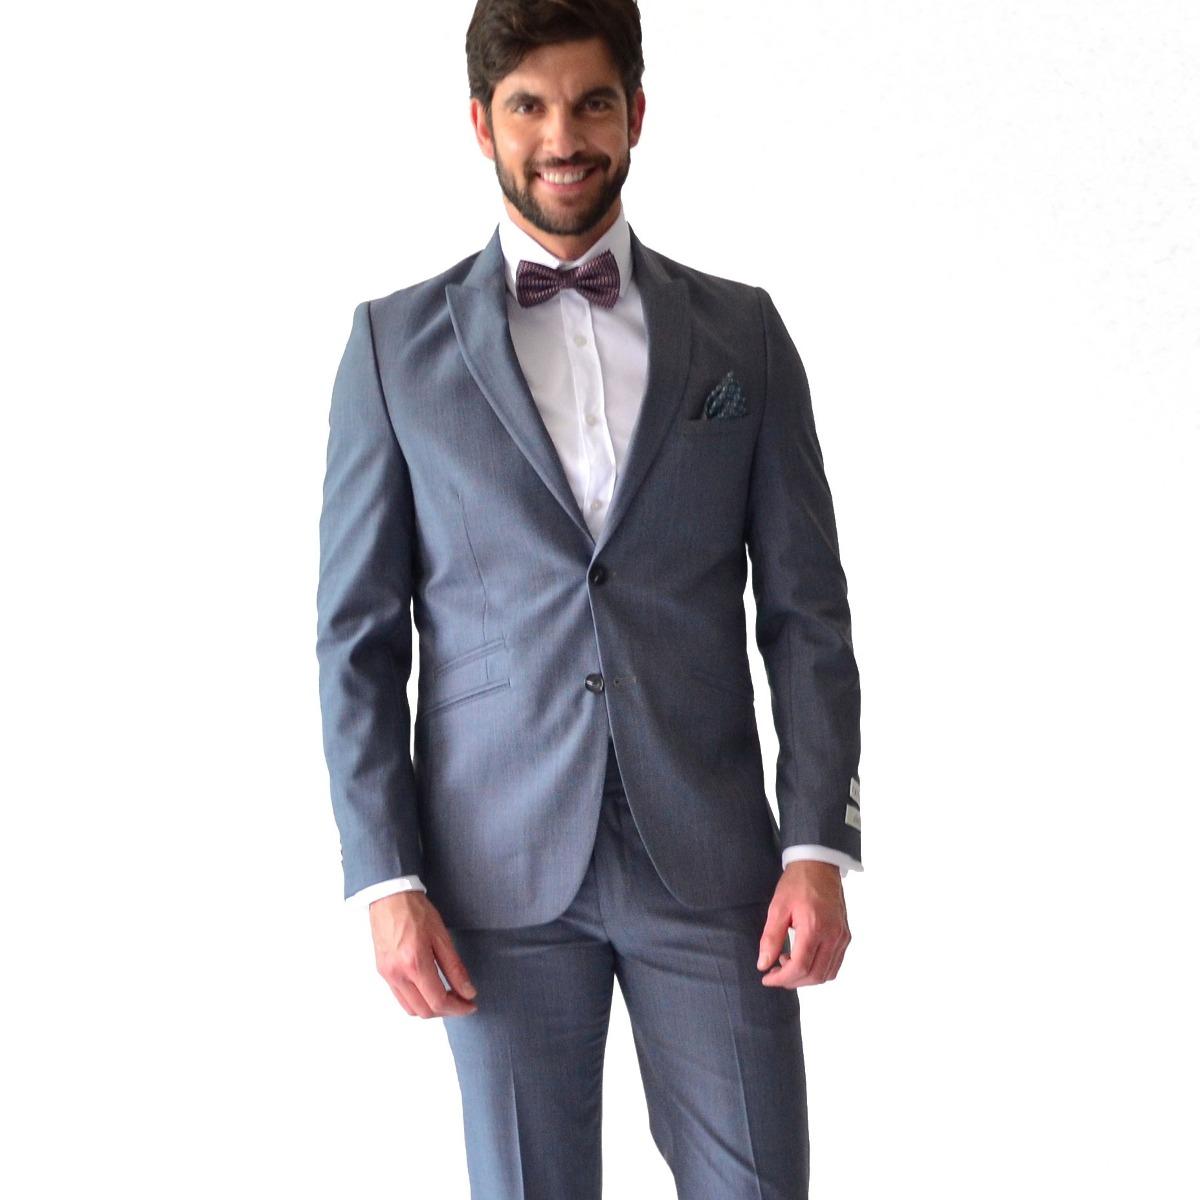 bb745cfcaa8eb traje hombre corte slim fit color gris. Cargando zoom.